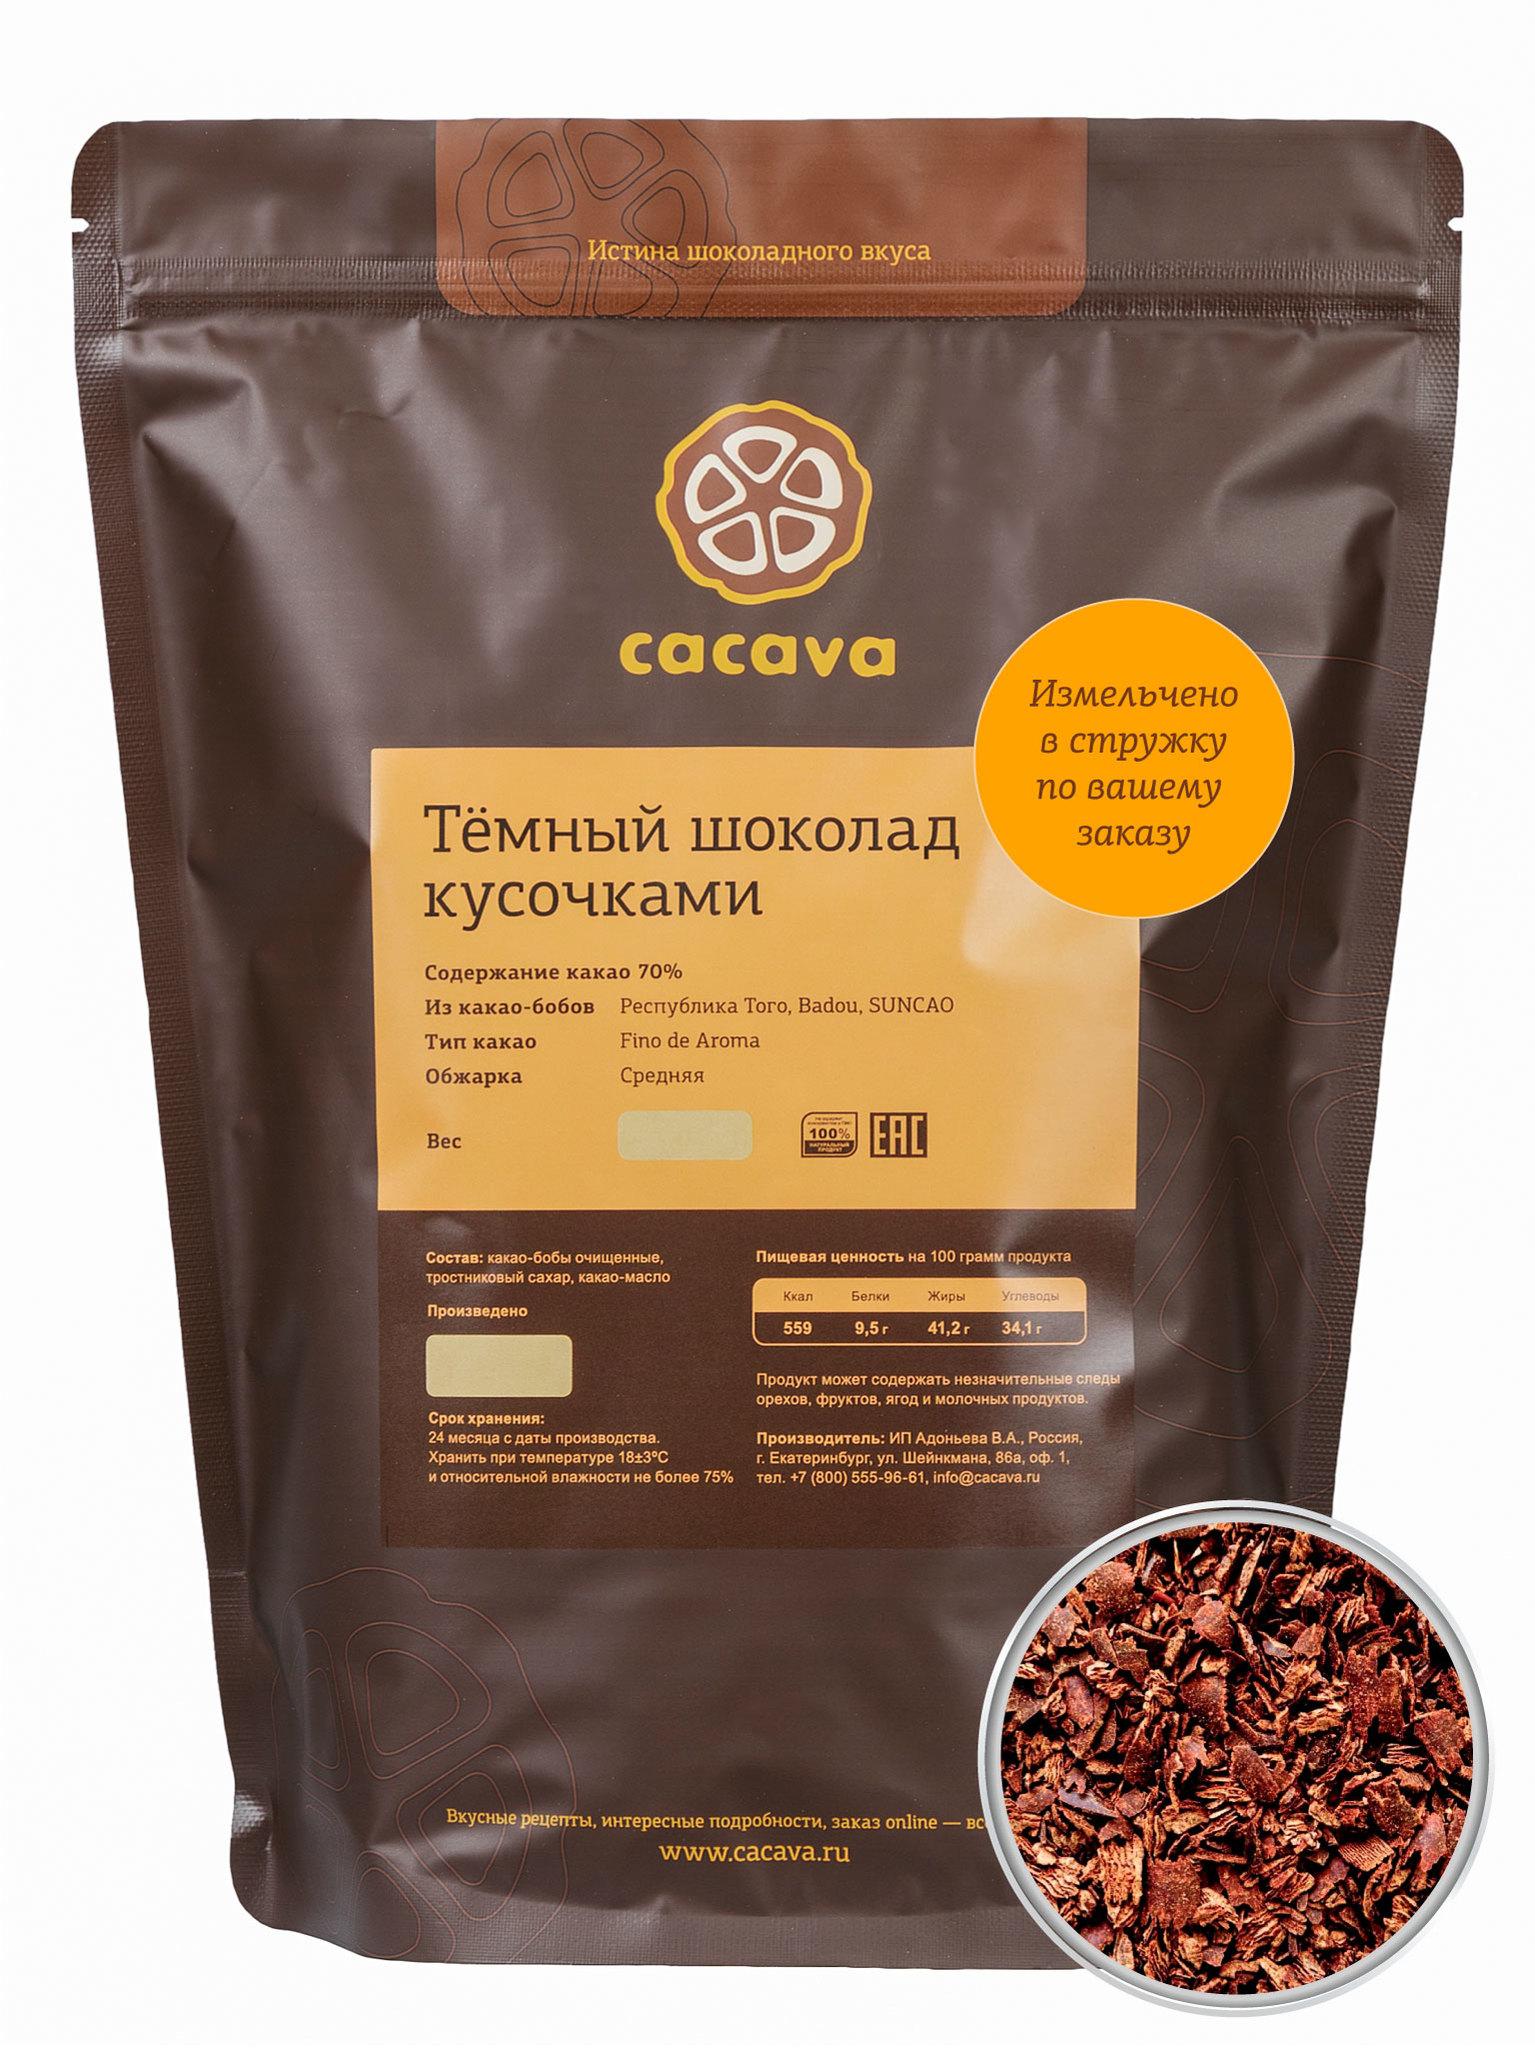 Тёмный шоколад 70 % какао в стружке (Того, Badou), упаковка 1 кг